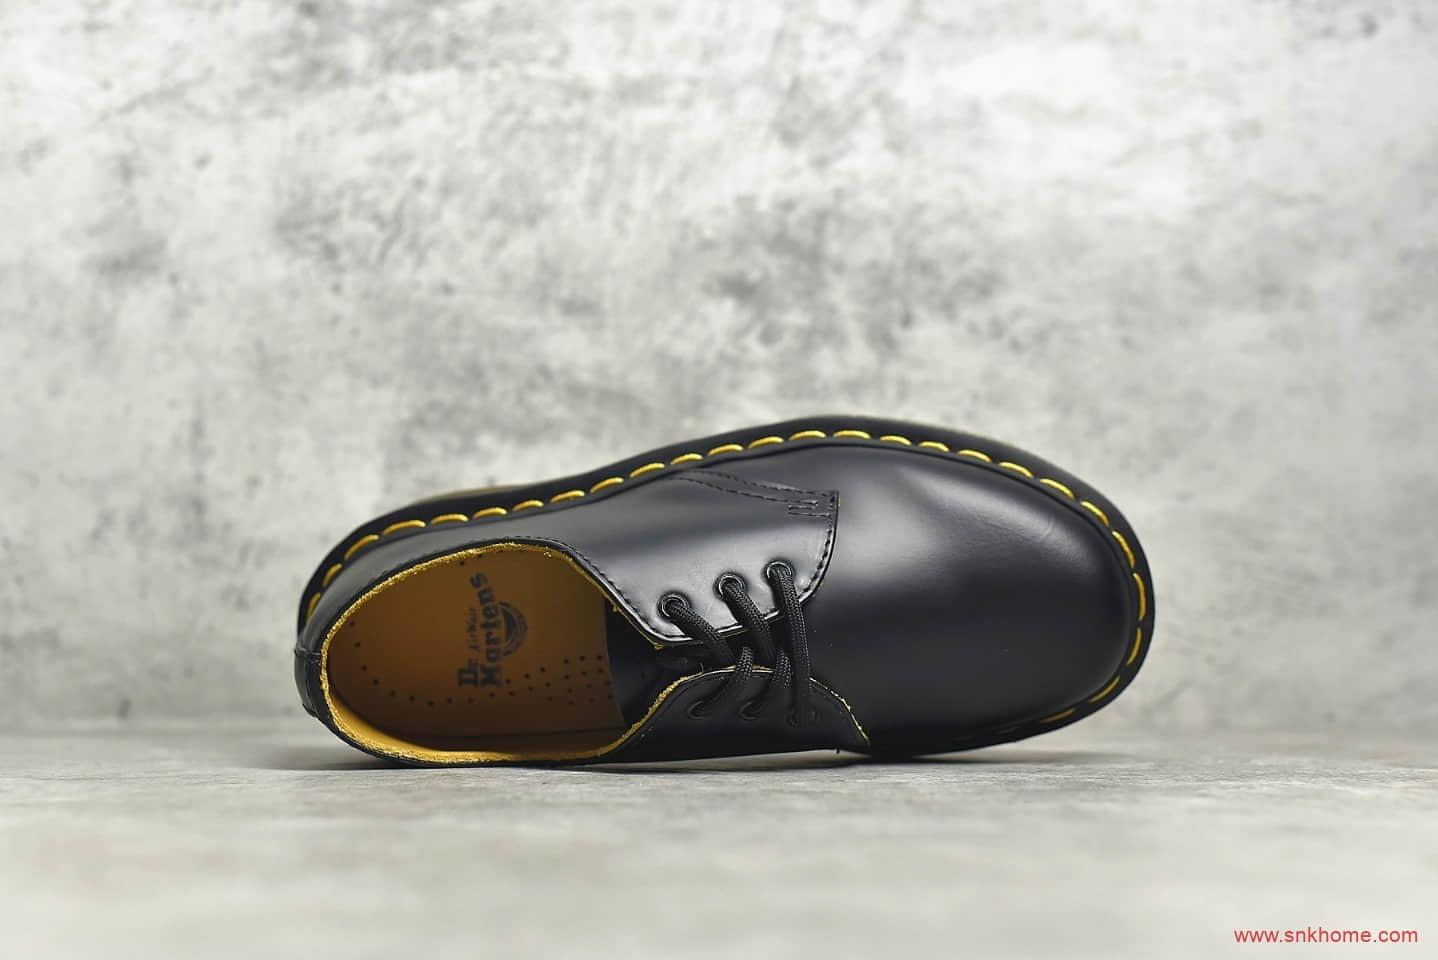 正品马丁医生低帮马丁靴 Dr.martens 1460LL 马丁黑色低帮马丁靴秋冬款 欧阳娜娜同款马丁靴-潮流者之家